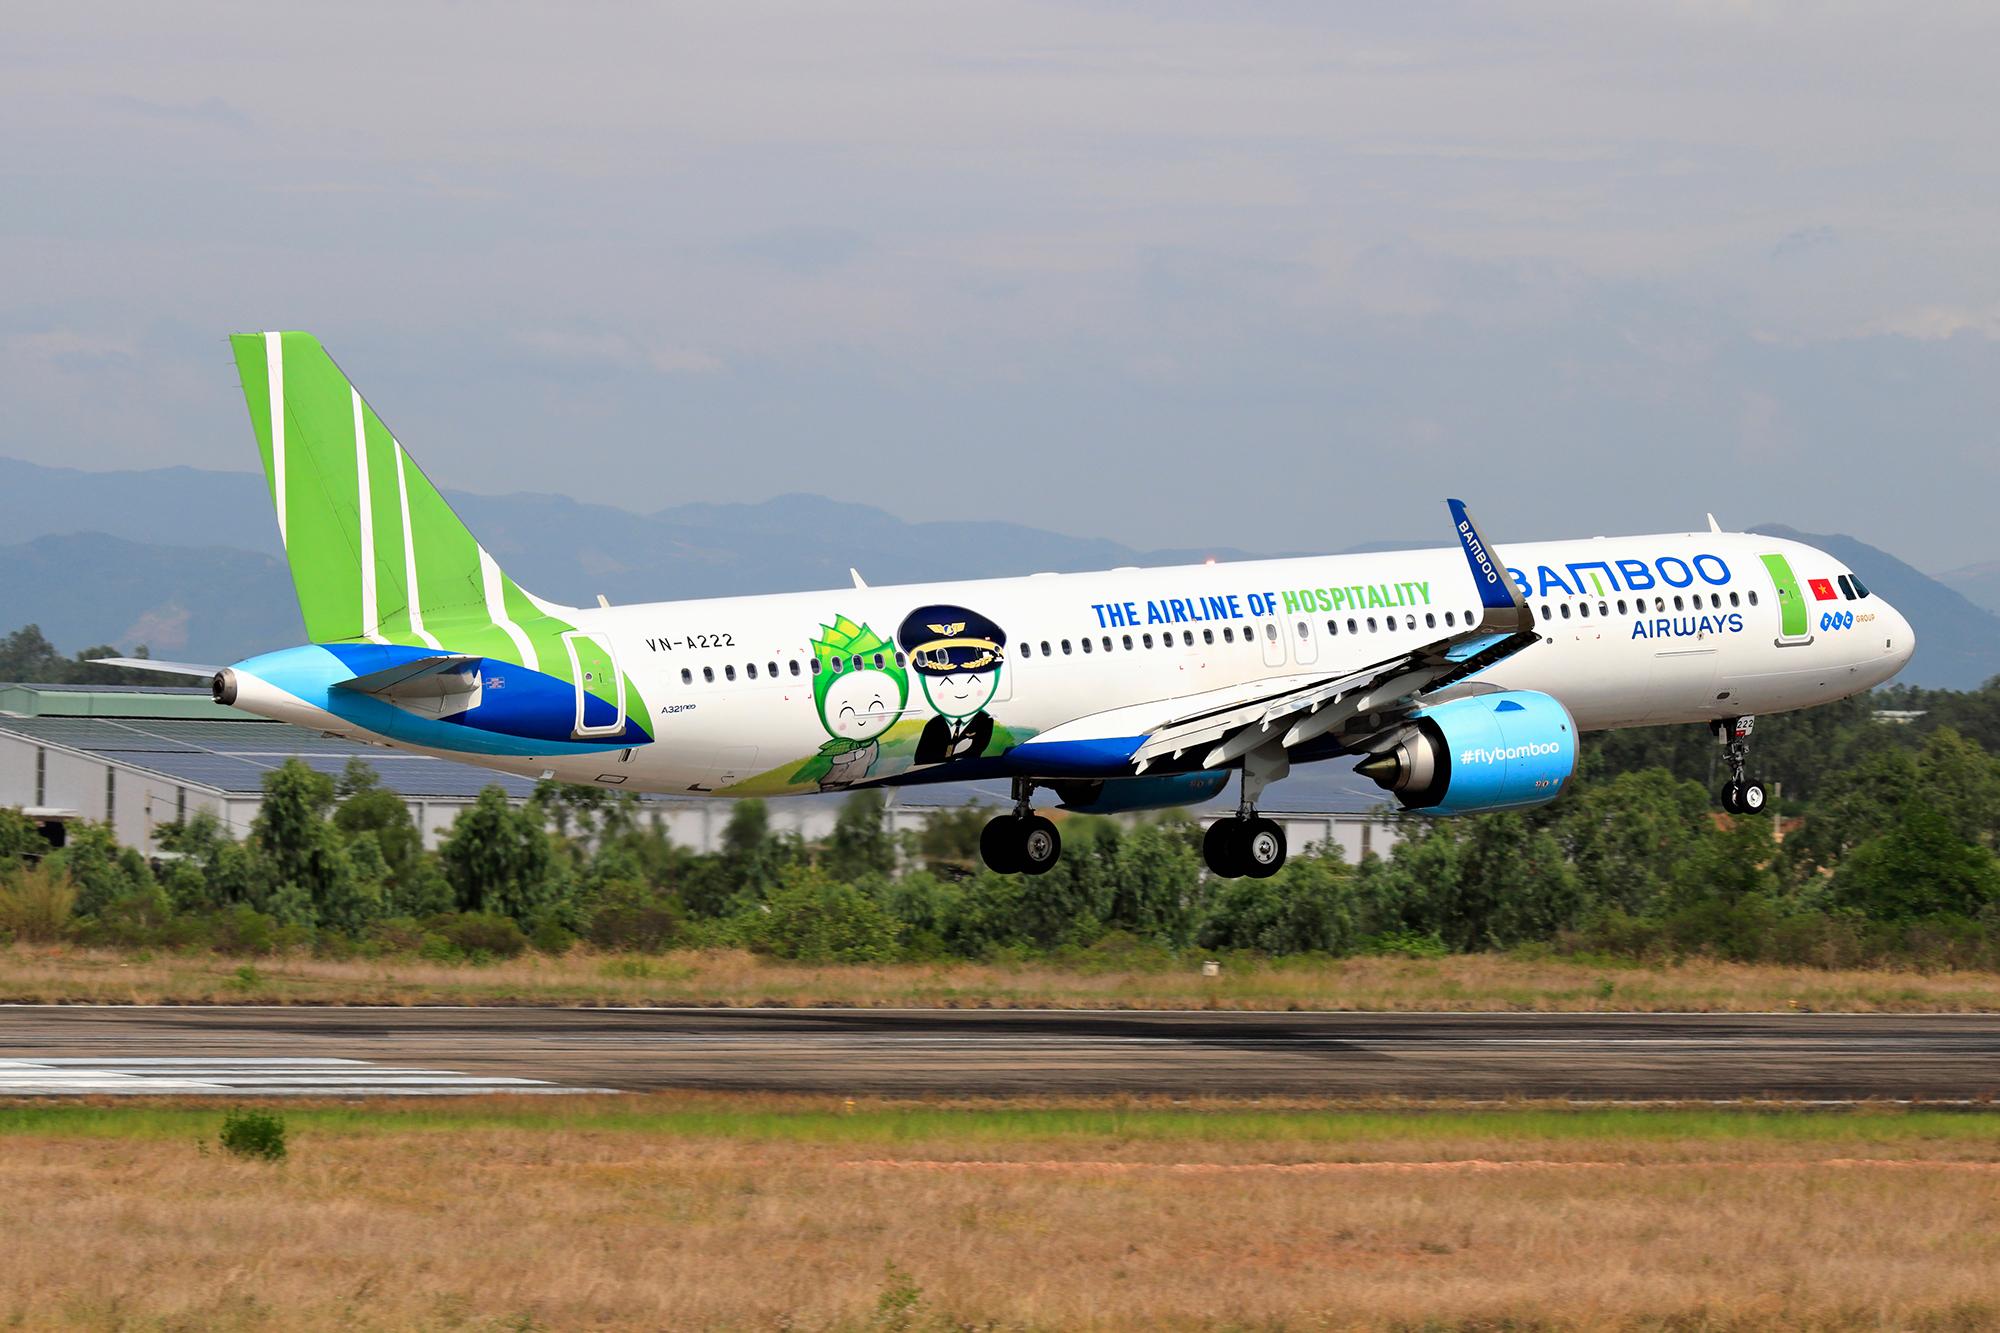 Bamboo Airways phối hợp thực hiện các chuyến bay đặc biệt đưa người dân Bình Định từ TP.HCM về quê